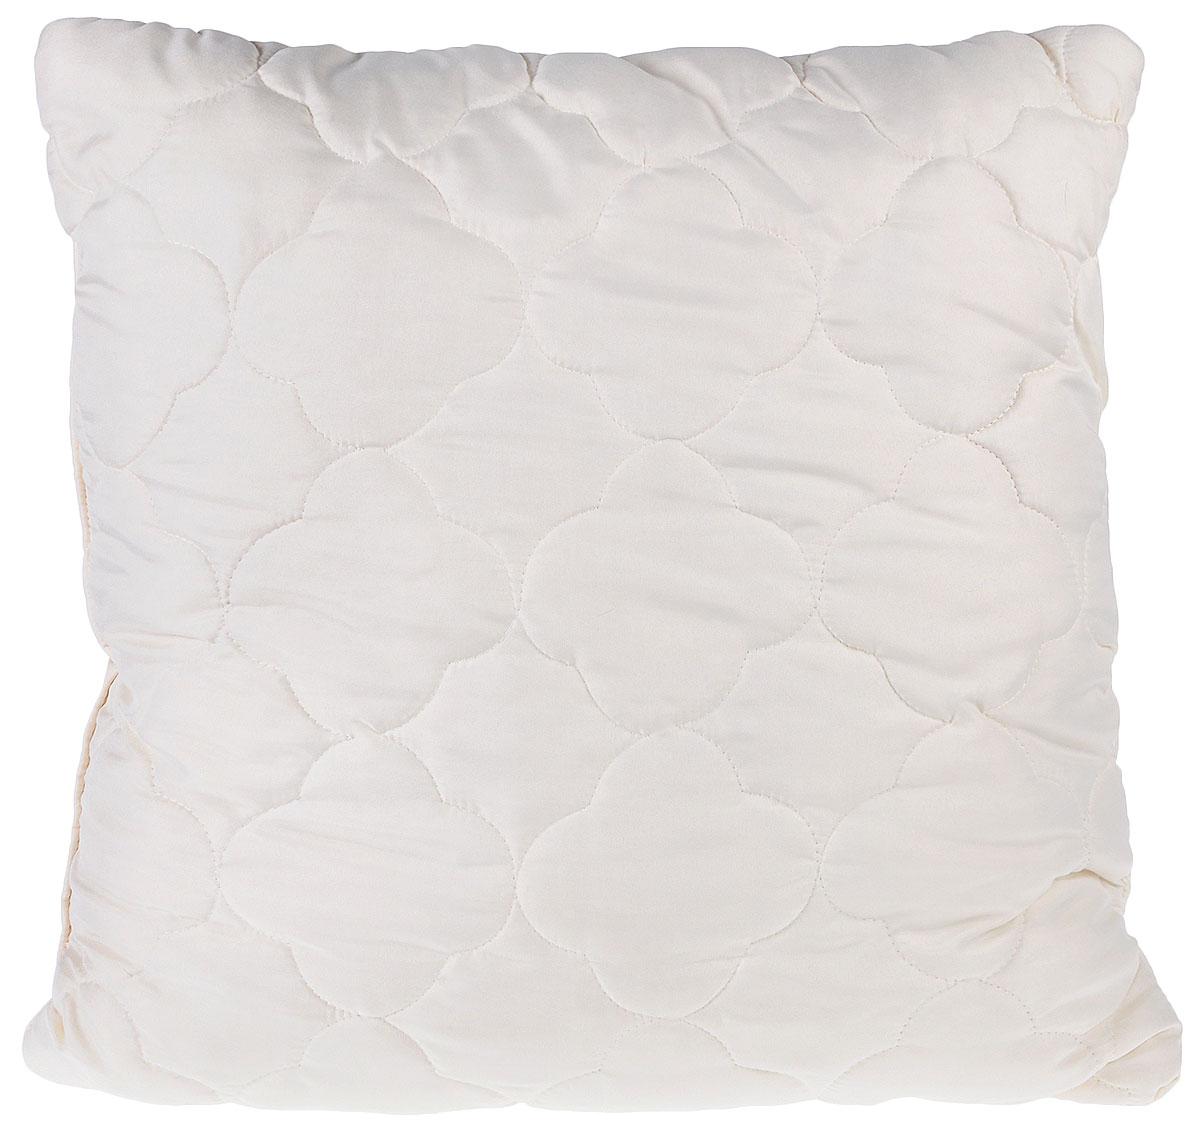 Подушка Lara Home Wool, наполнитель: овечья шерсть и силиконизированное волокно, цвет: бежевый, 68 х 68 см85274Подушка Lara Home Wool подарит комфорт и уют во время сна. Чехол,выполненный из микроволокна (100% полиэфира), оформлен фигурной стежкой и надежно удерживает наполнитель внутри. Наполнитель выполнен из силиконизированного волокна и овечьей шерсти породы меринос.Особенности подушки: Высокая воздухопроницаемость.Необычайная мягкость и легкость.Обеспечивает хорошую терморегуляцию.